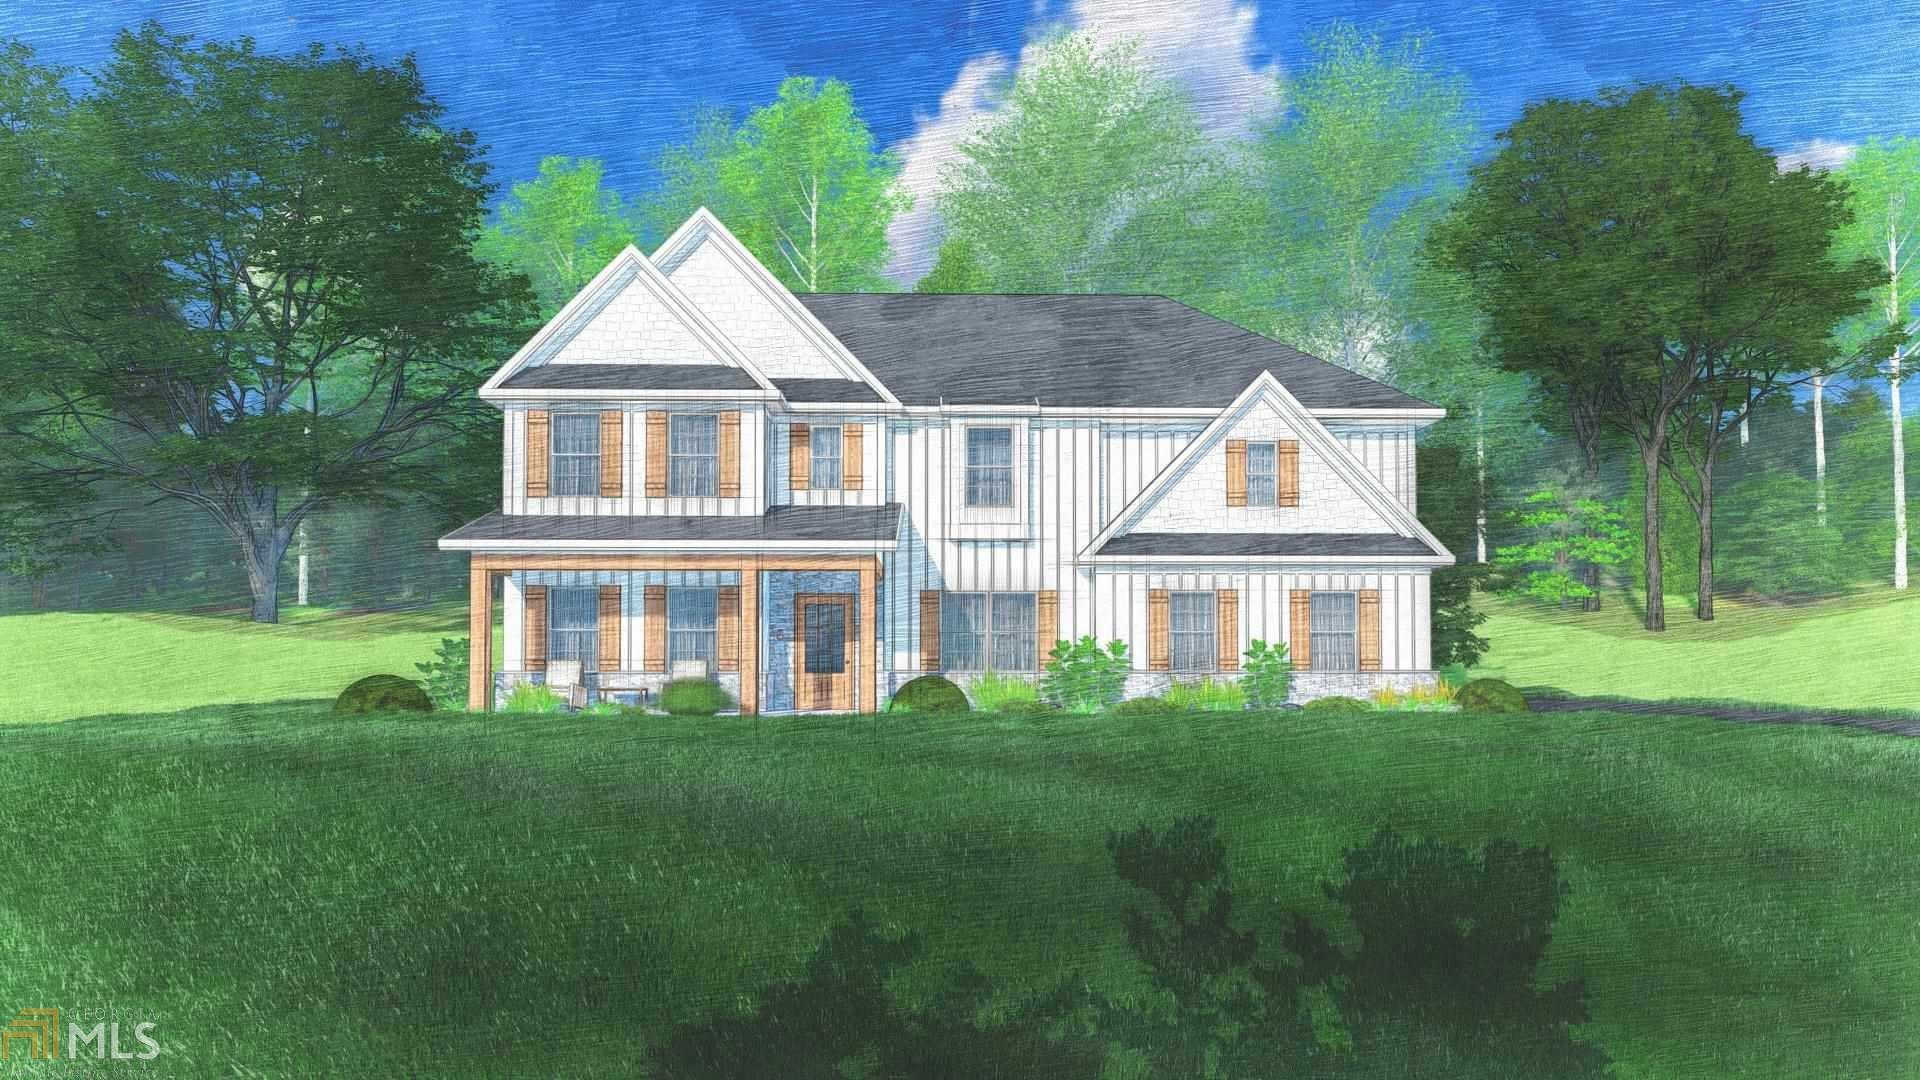 2 Northgate Estates Dr, Palmetto, GA 30268 - MLS#: 8992929